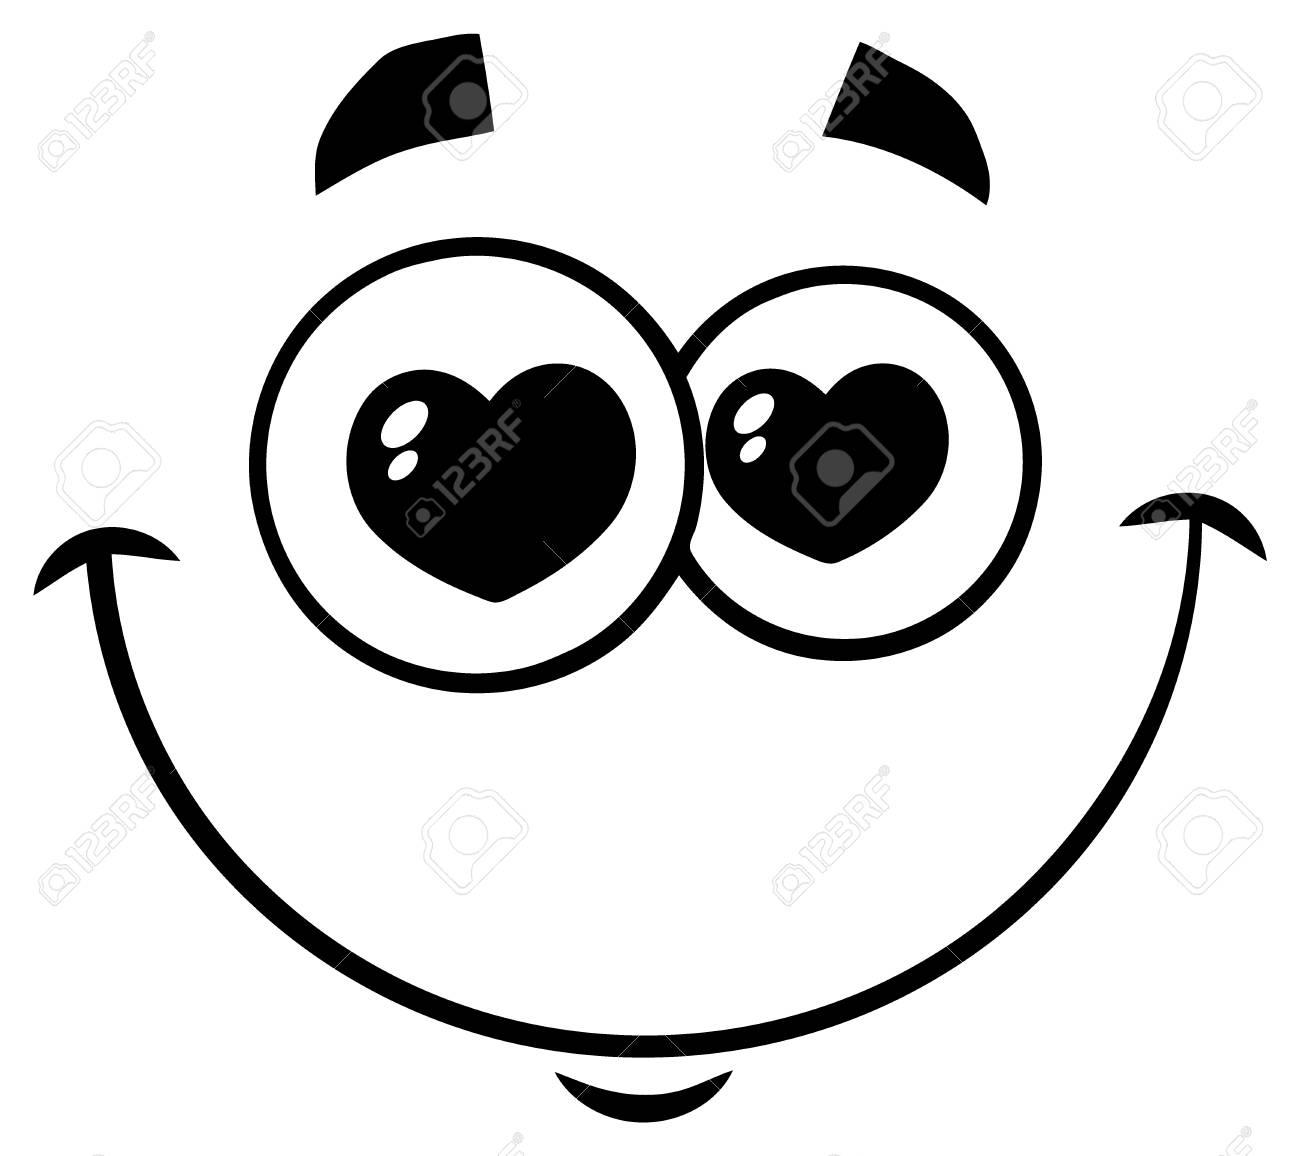 Noir Et Blanc Sourire Amour Dessin Animé Visage Drôle Avec Une Expression Des Yeux Aux Coeurs Illustration Isolée Sur Fond Blanc